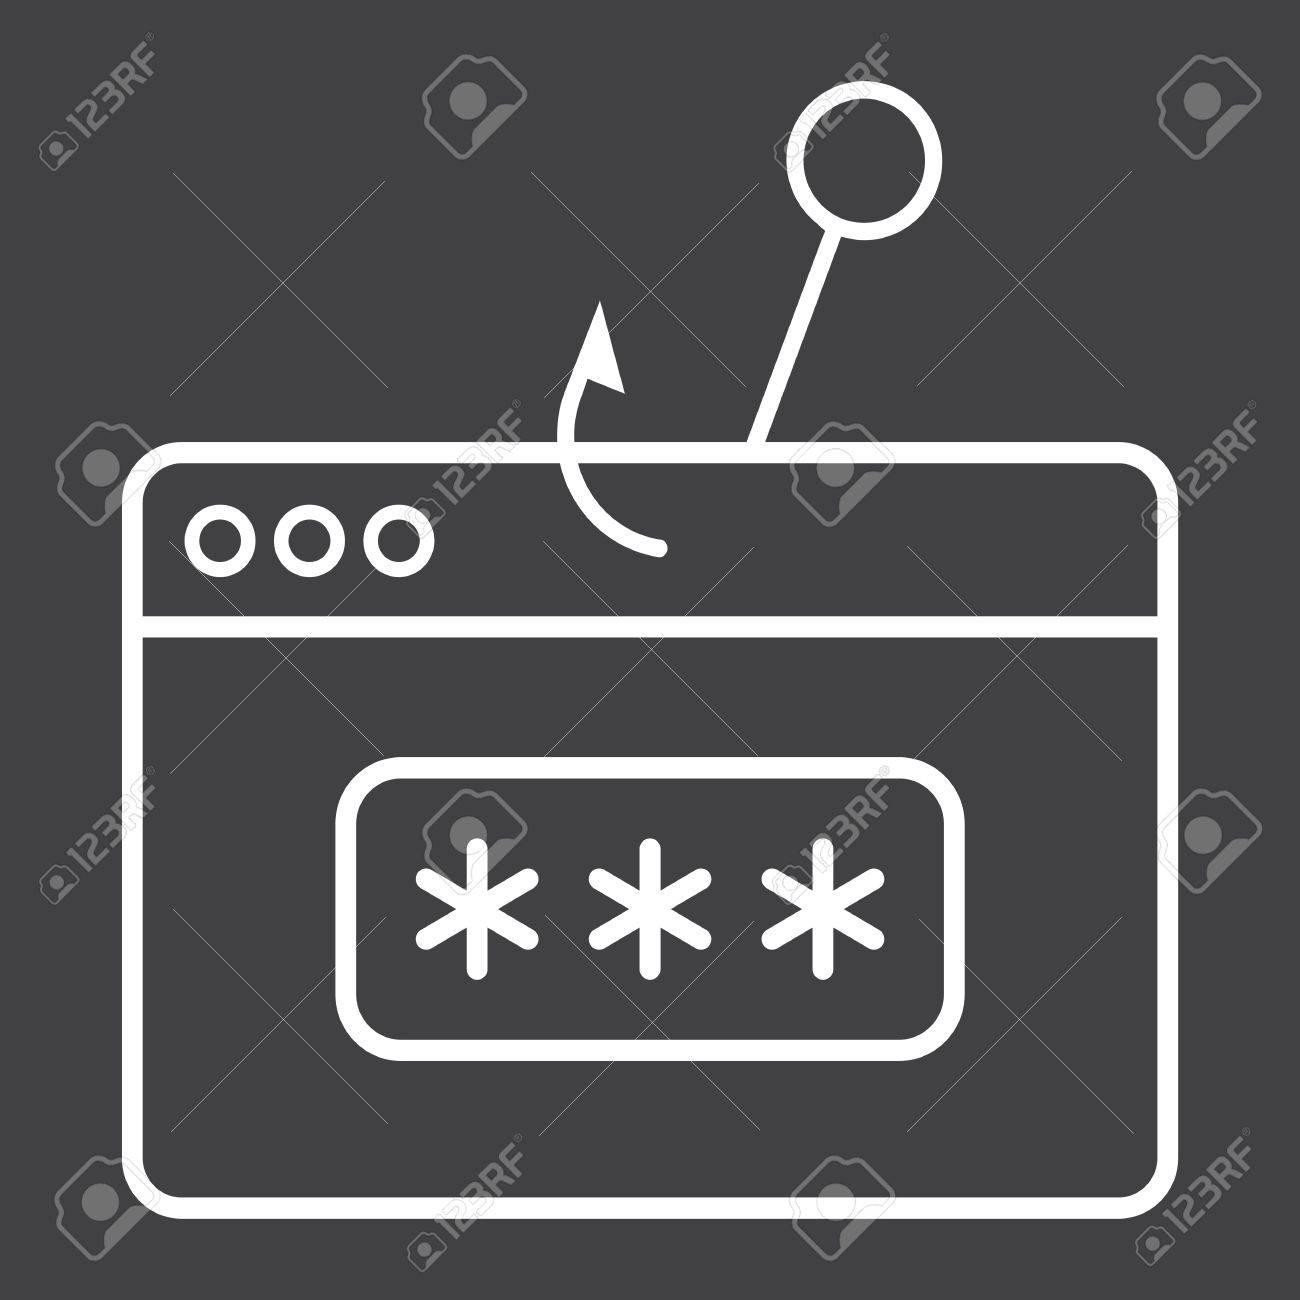 passwort phishing line symbol sicherheit und hack vektorgrafiken ein lineares muster auf schwarzem - Muster Passwort